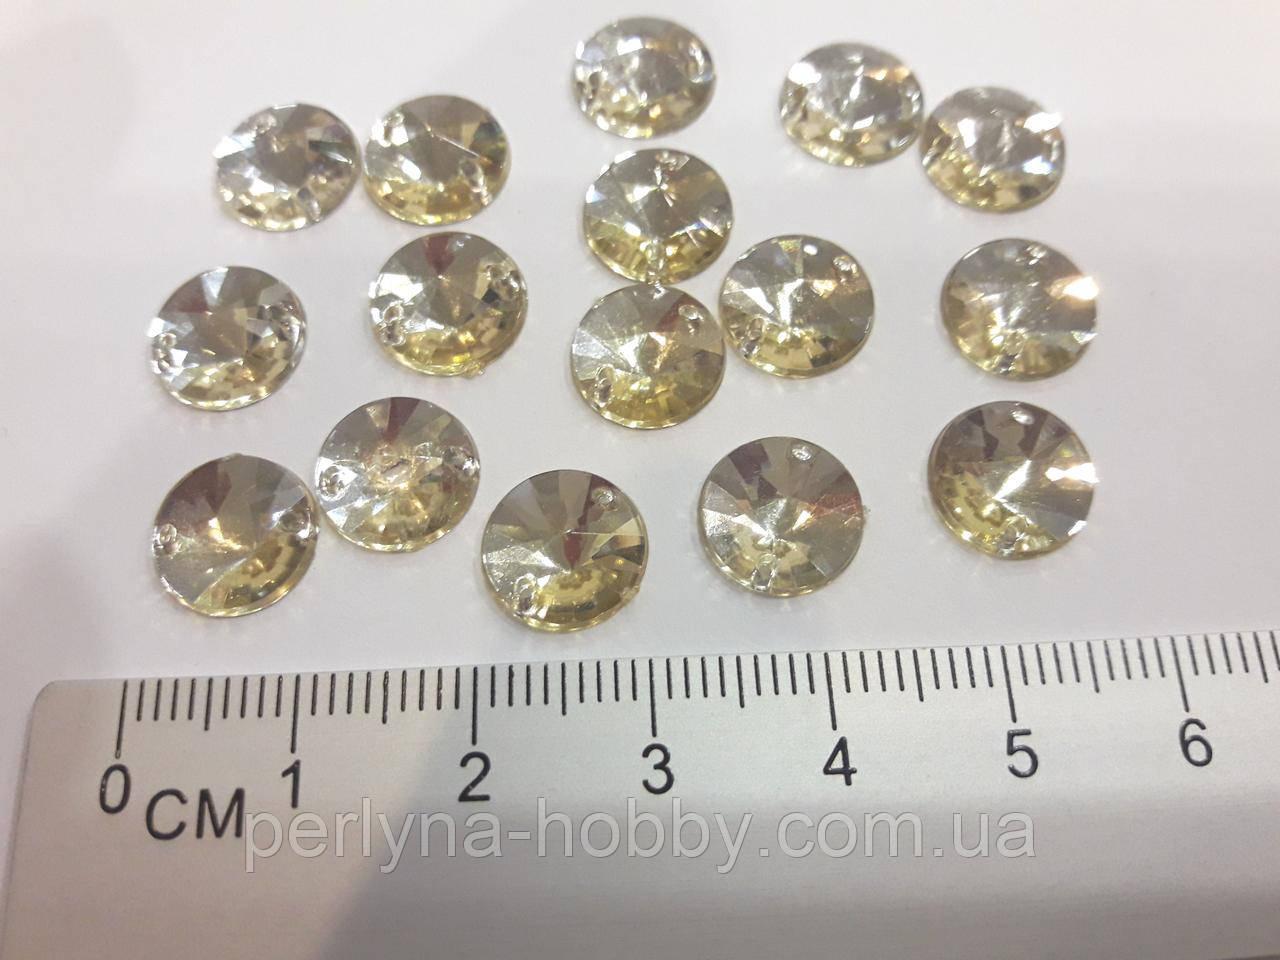 Стрази пришивні   акрилові пластикові. Світло золотисті, 50 шт, круглі ( 10 мм)